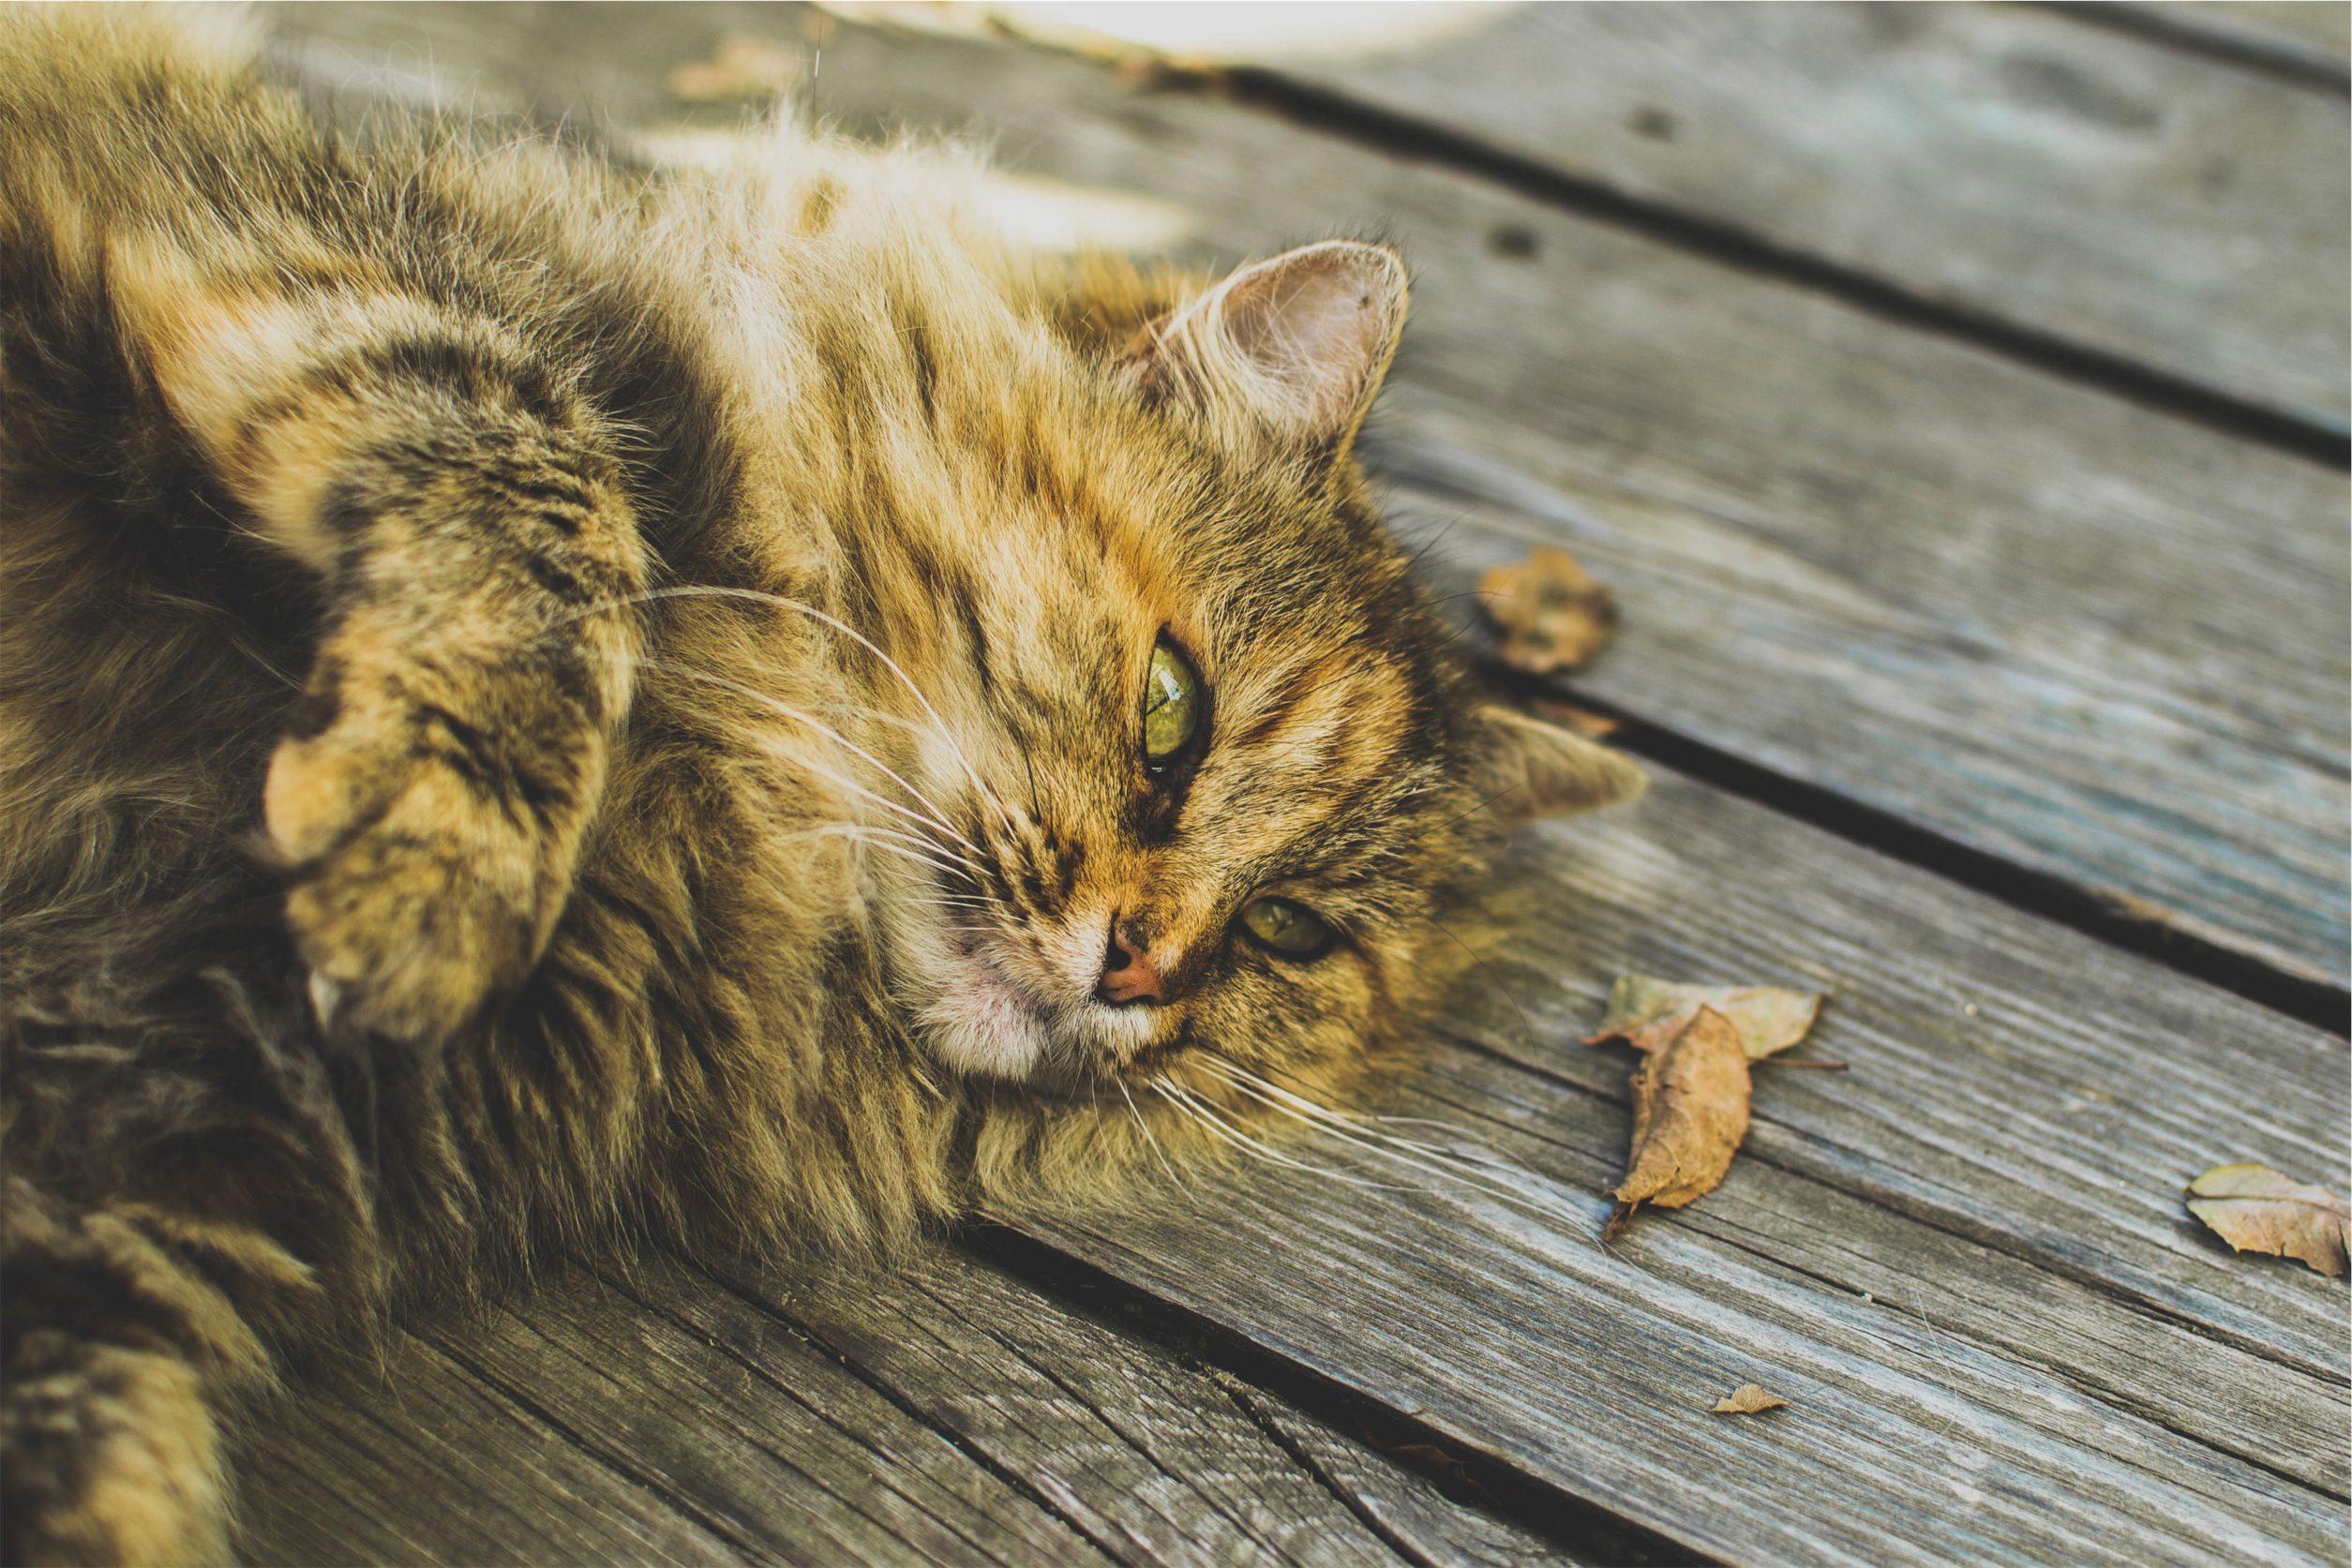 猫, リラックス, 土壌, 木材, 外観 - HD の壁紙 - 教授-falken.com